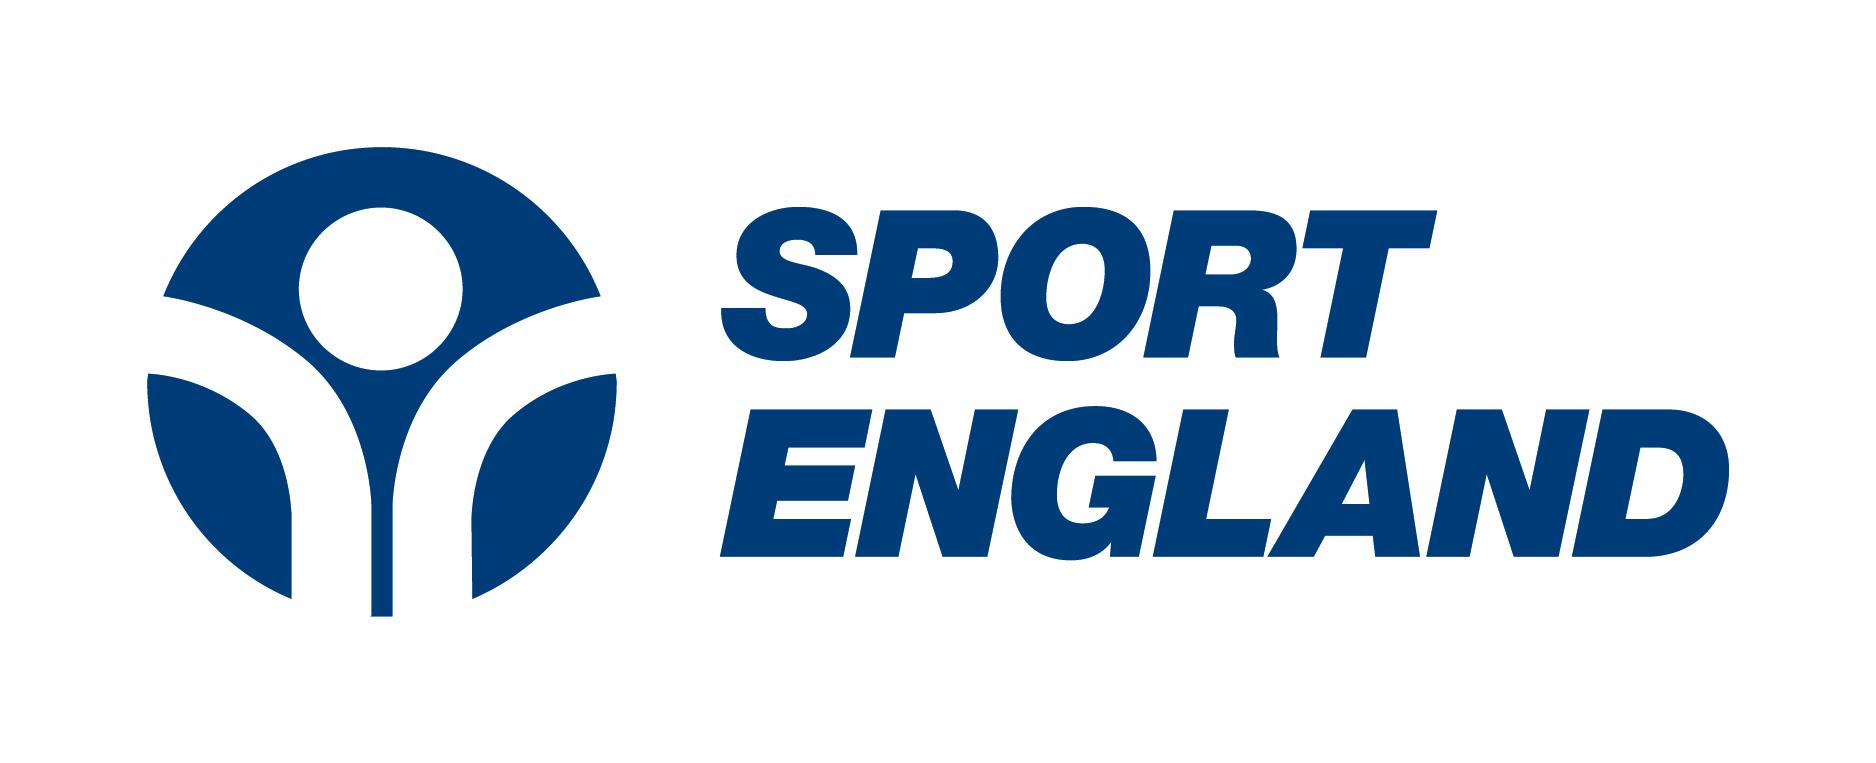 Sport England logo